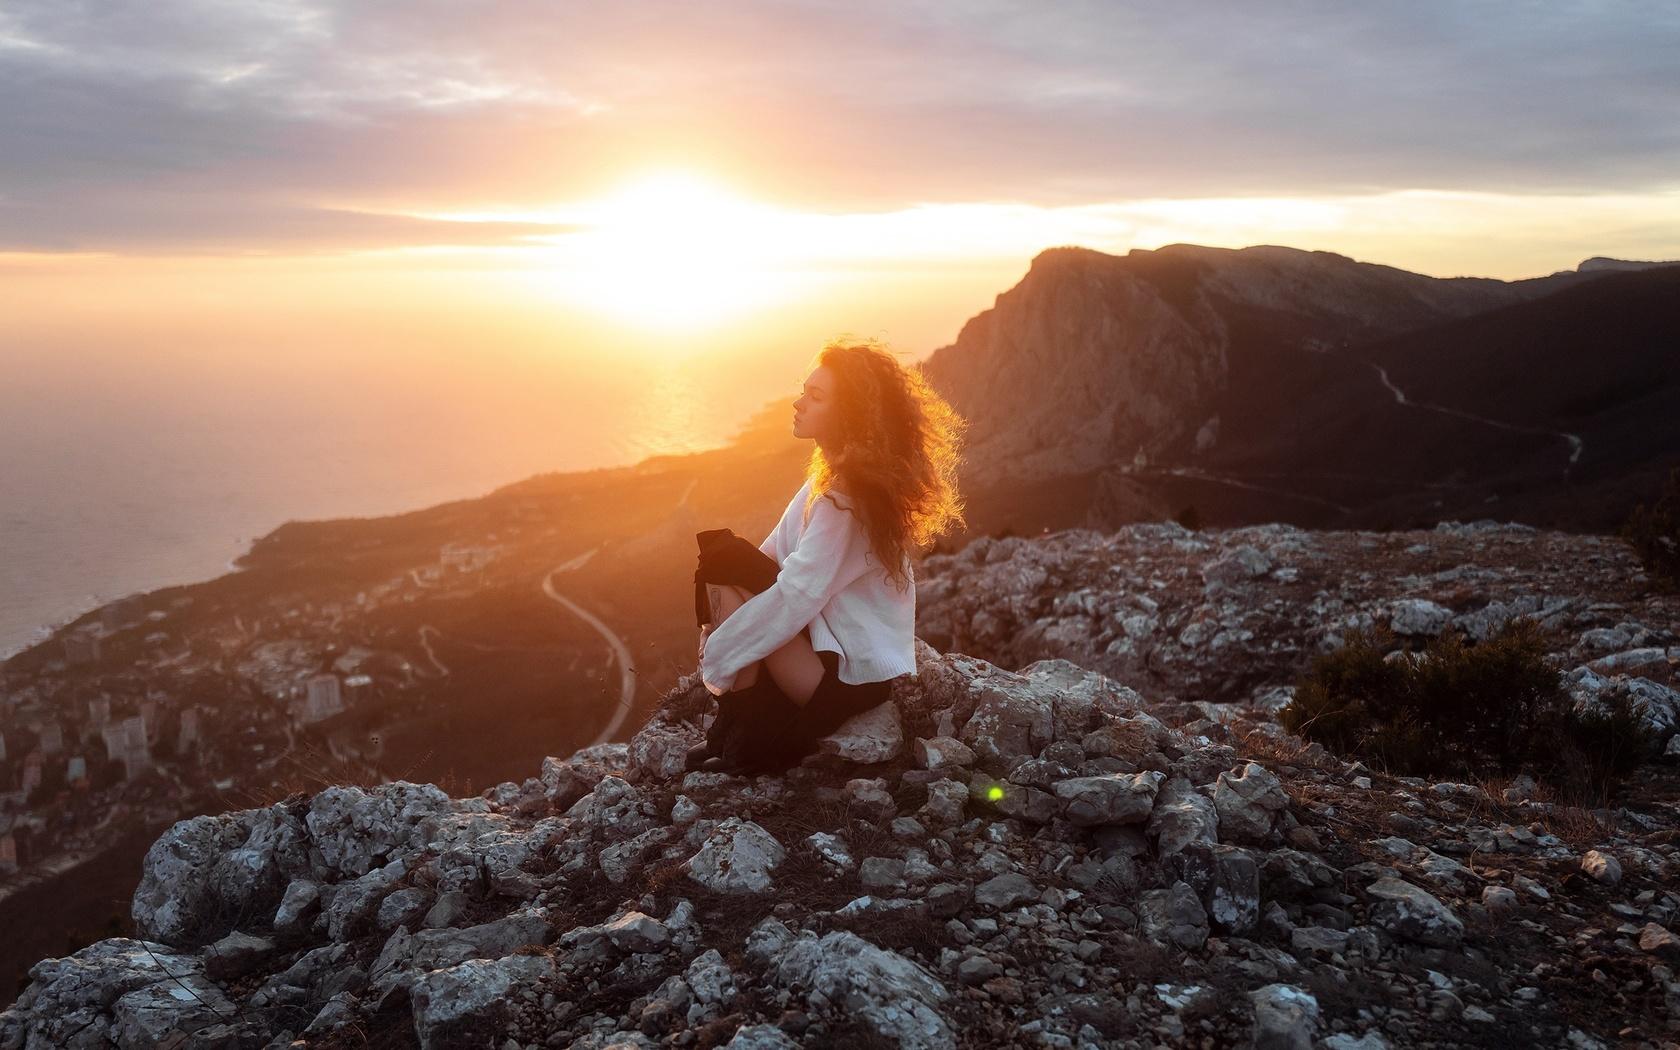 девушка, ульяна найденковая, солнце, красиво, высота, пейзаж, фото, aleks five